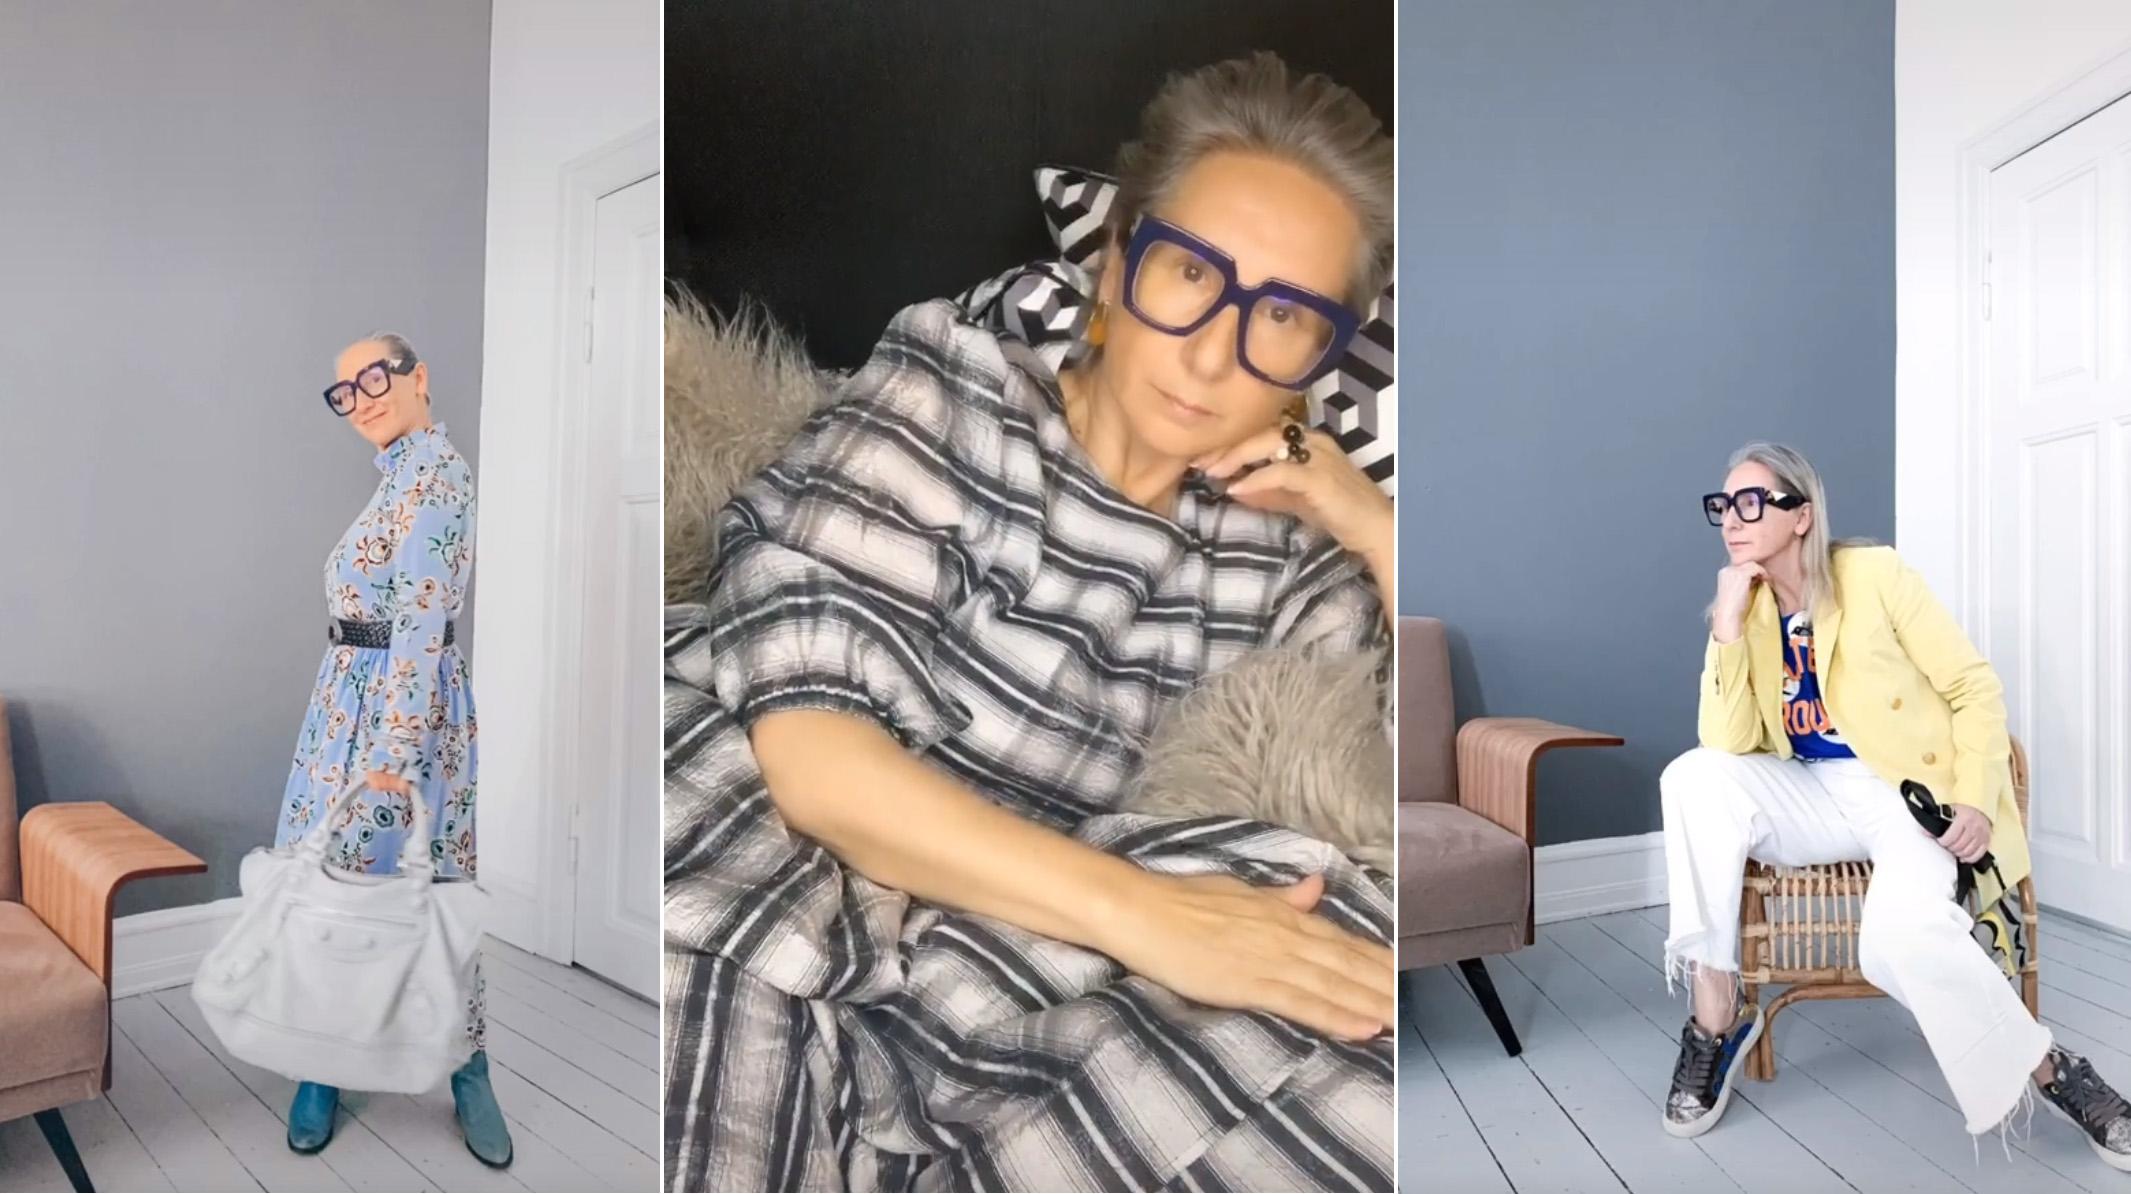 Az 51 éves divatszerkesztő az internet új kedvence